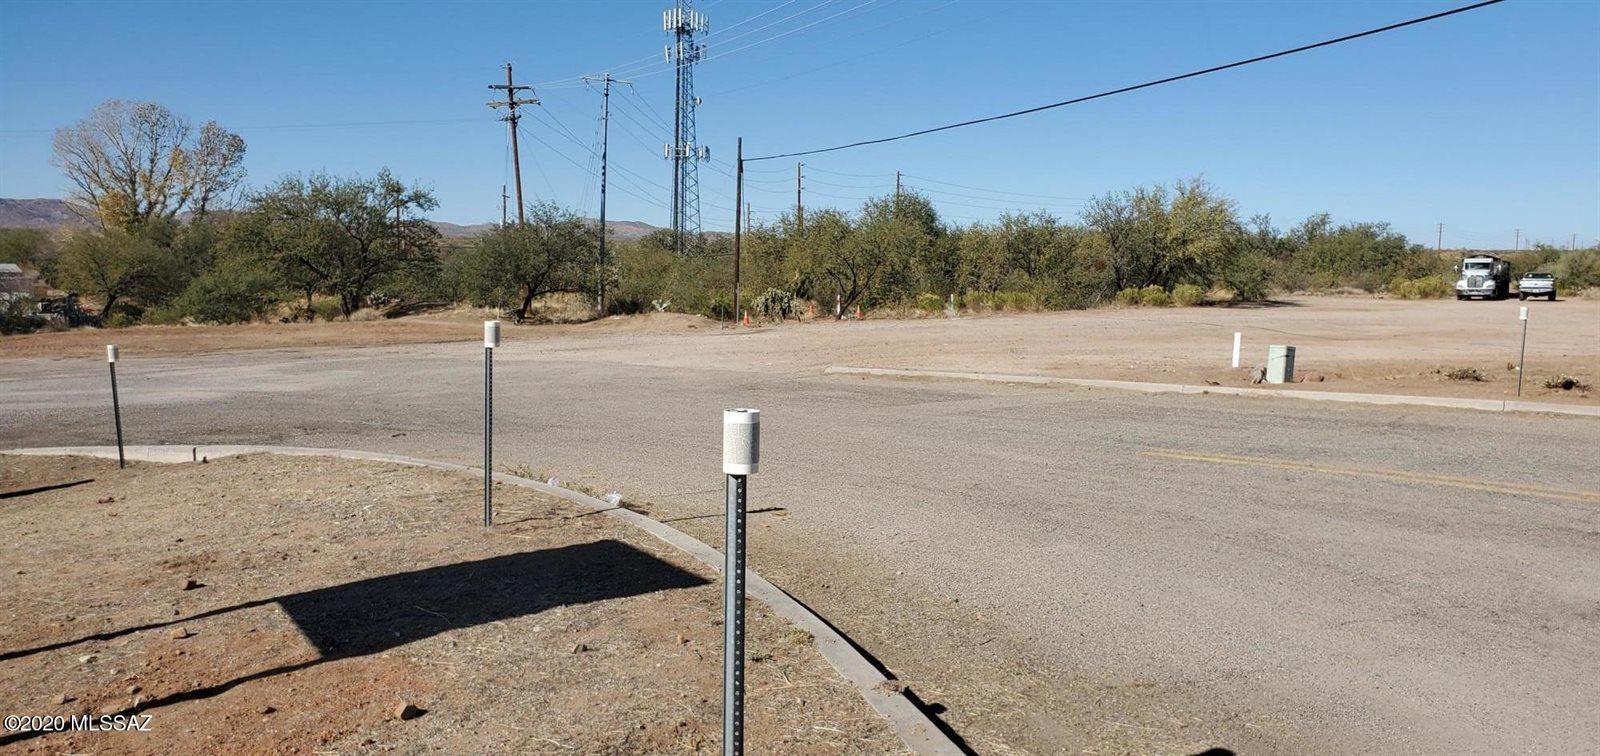 35480 AZ-77, Tucson, AZ 85739